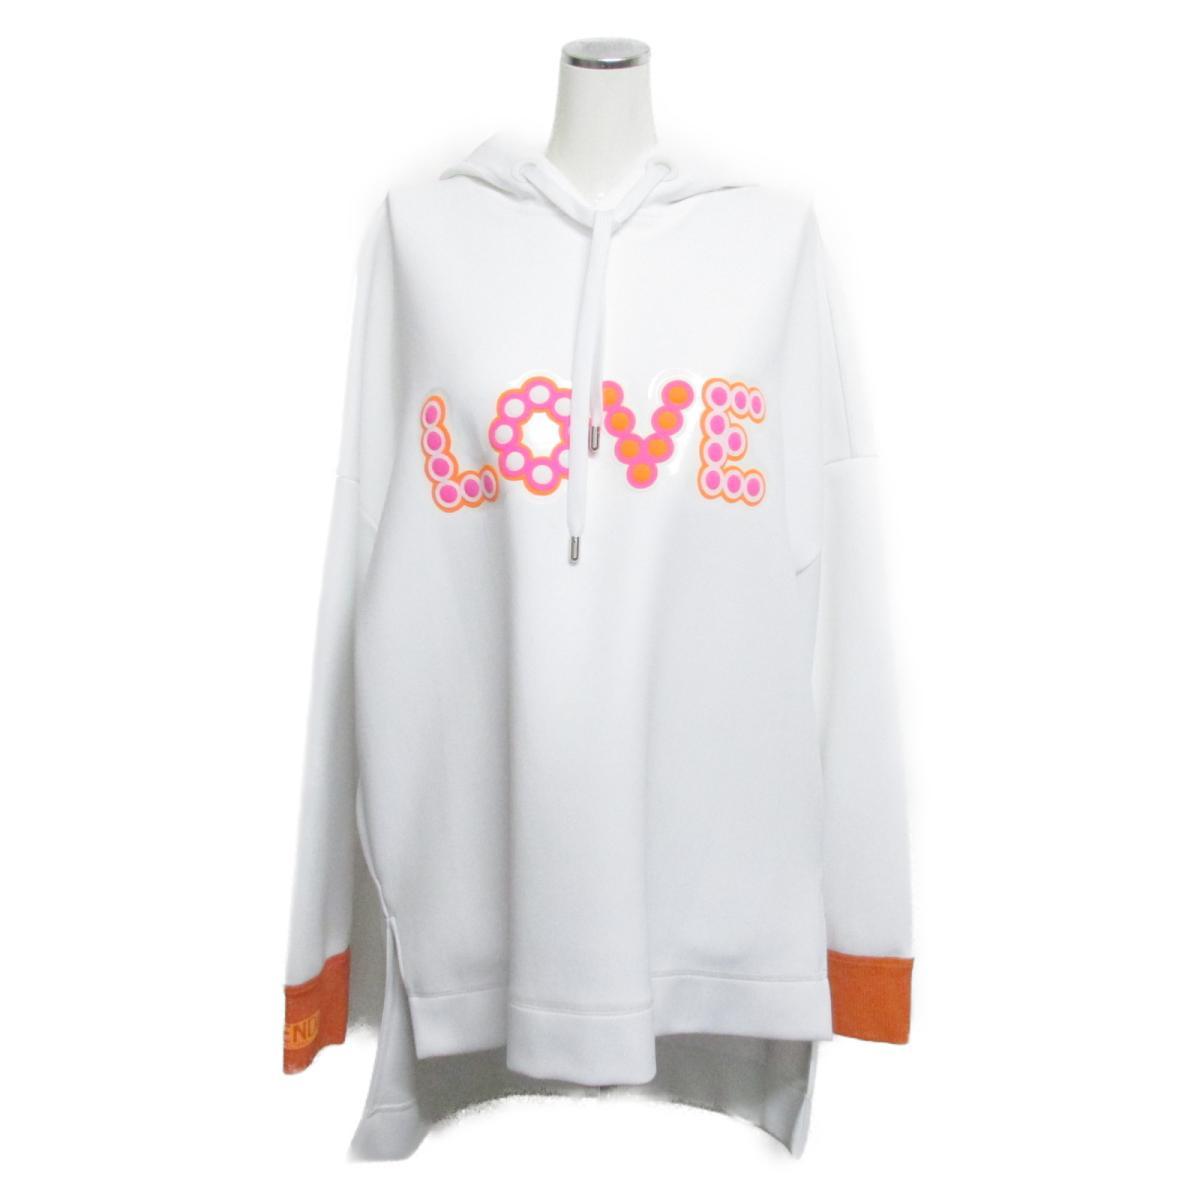 【中古】 フェンディ パーカー レディース ナイロン100% ホワイト x オレンジ ピンク   FENDI BRANDOFF ブランドオフ 衣料品 衣類 ブランド トップス